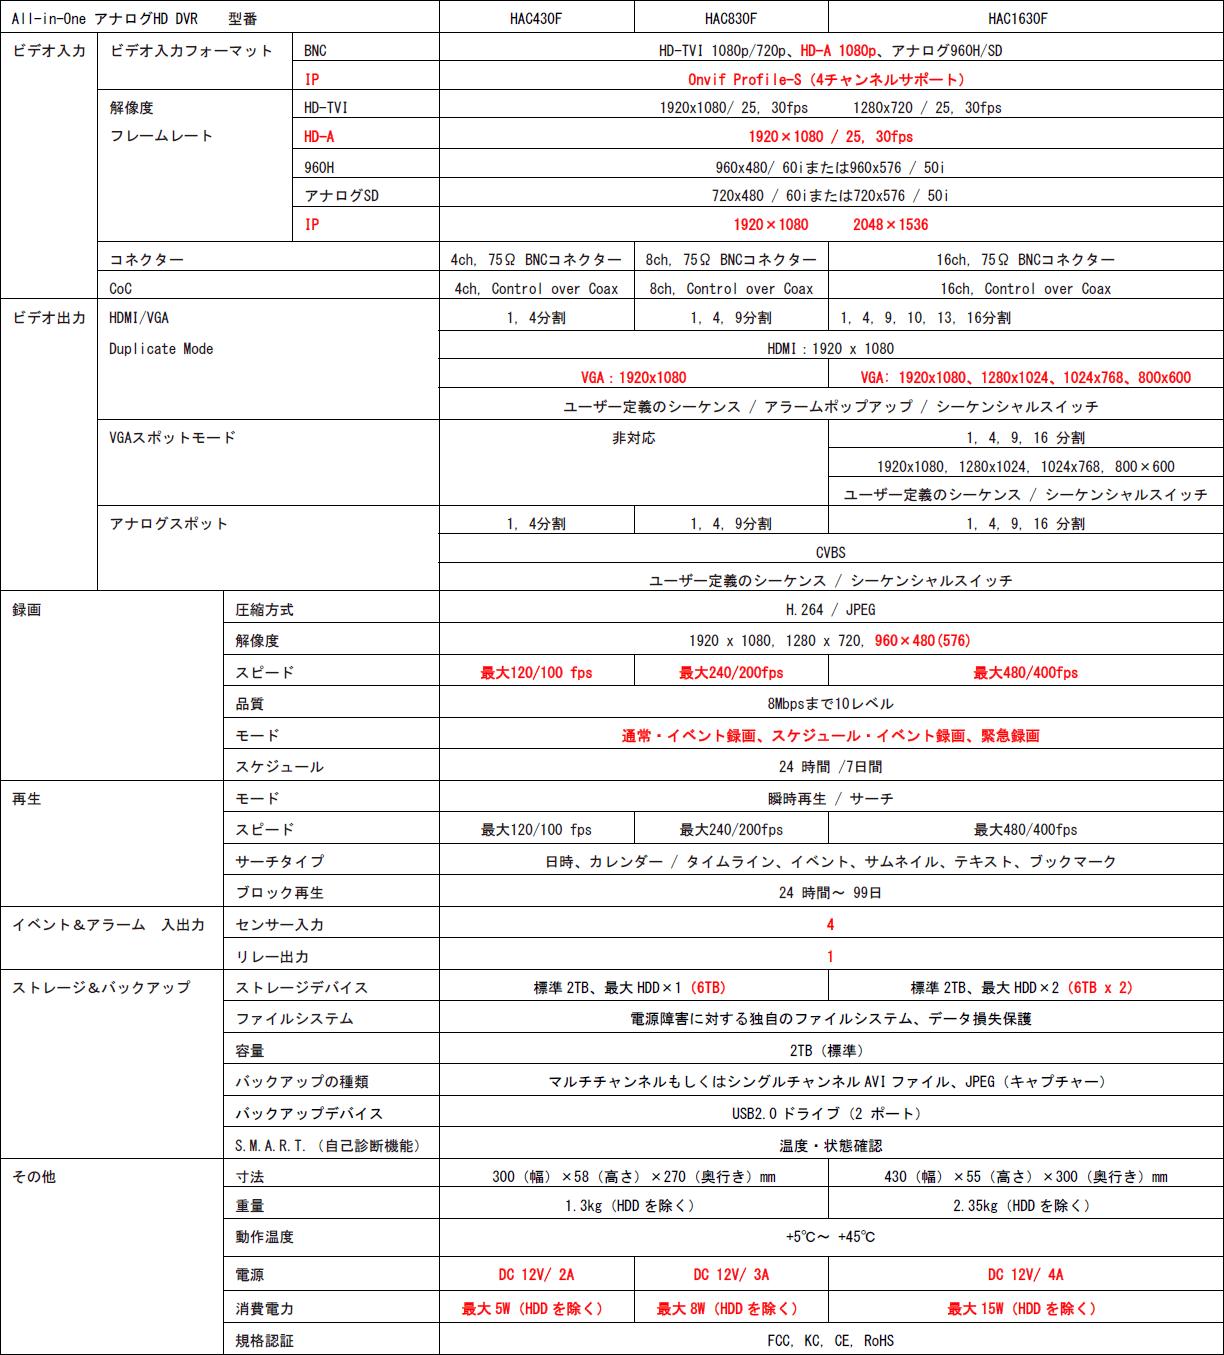 HAC430F / HAC830F / HAC1630F 主な仕様